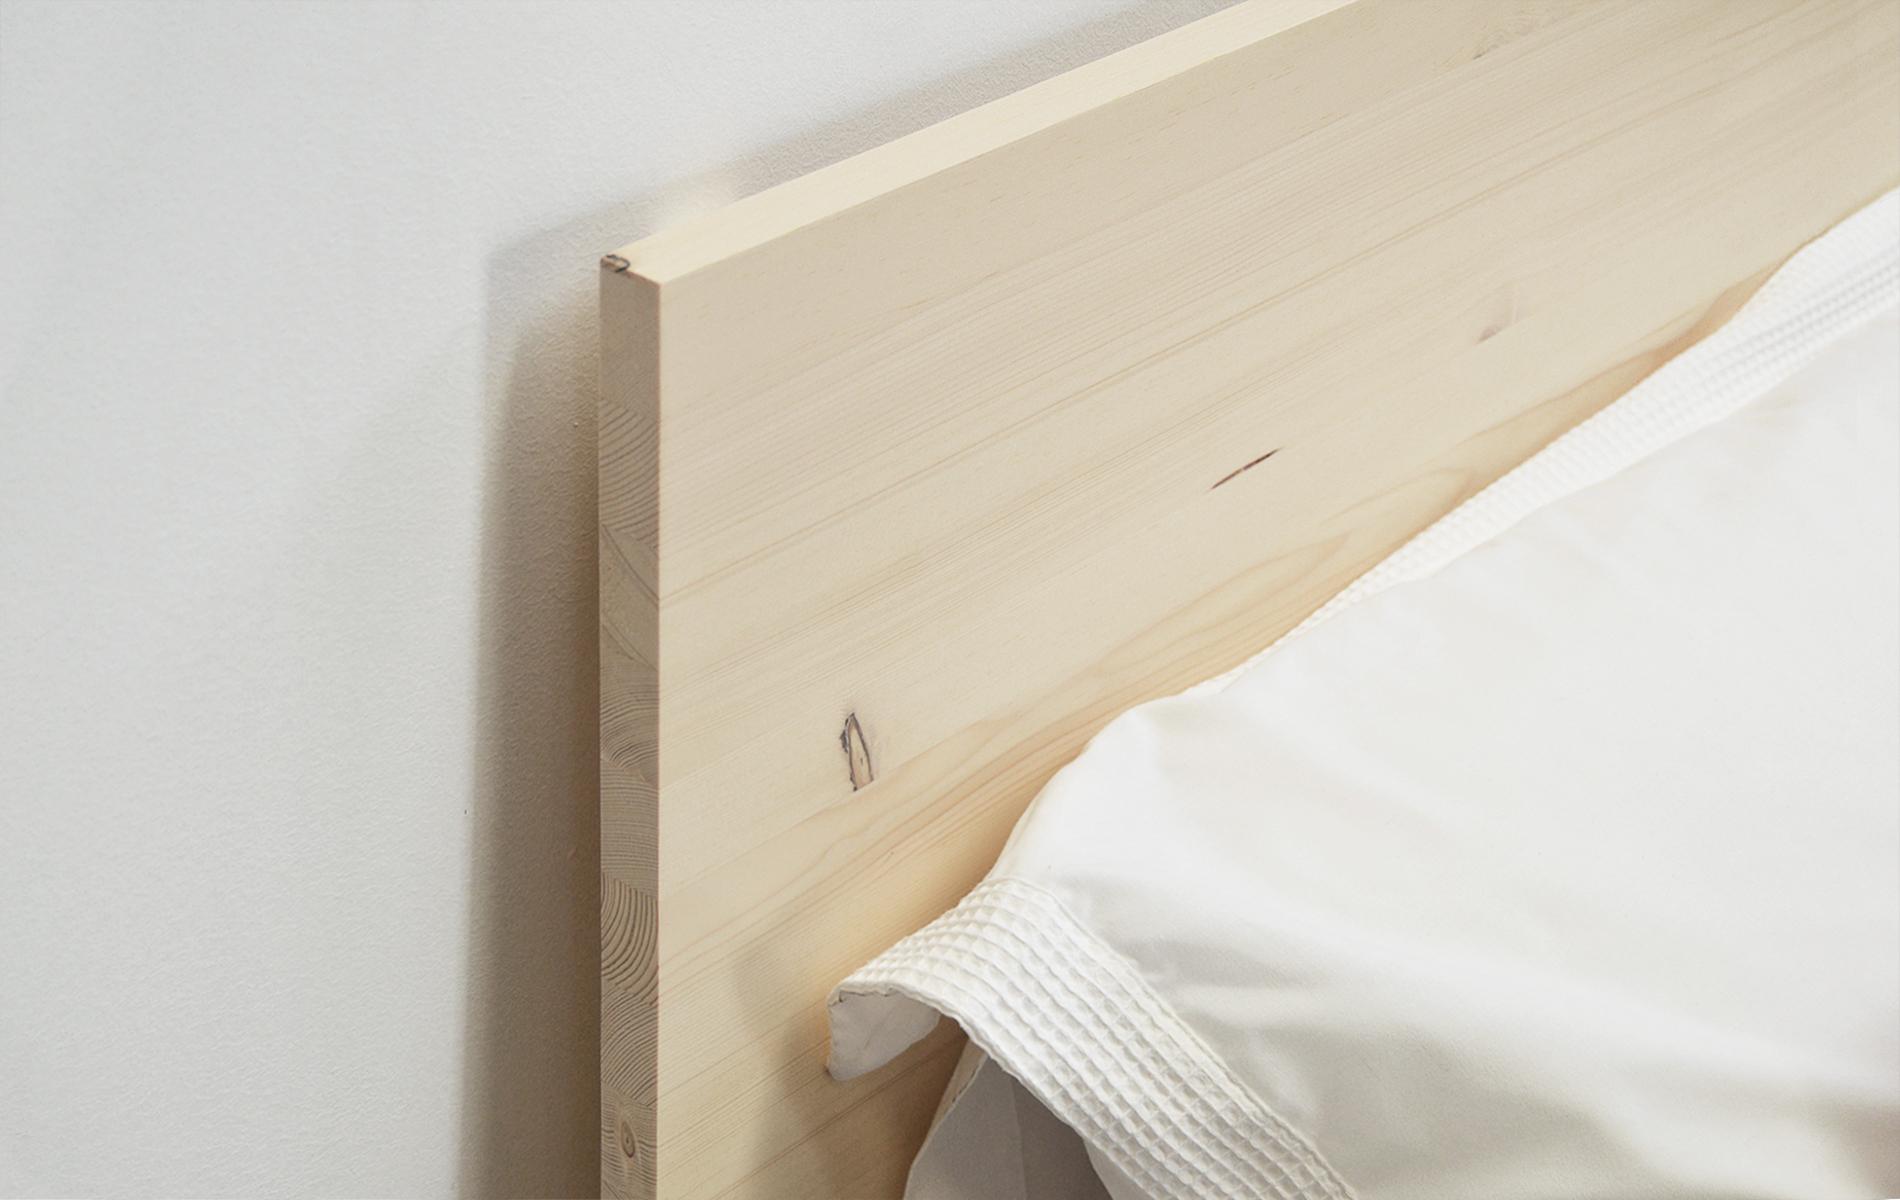 Cabezal de cama sencillo en madera natural tienda moblebo - Cabezal de madera ...